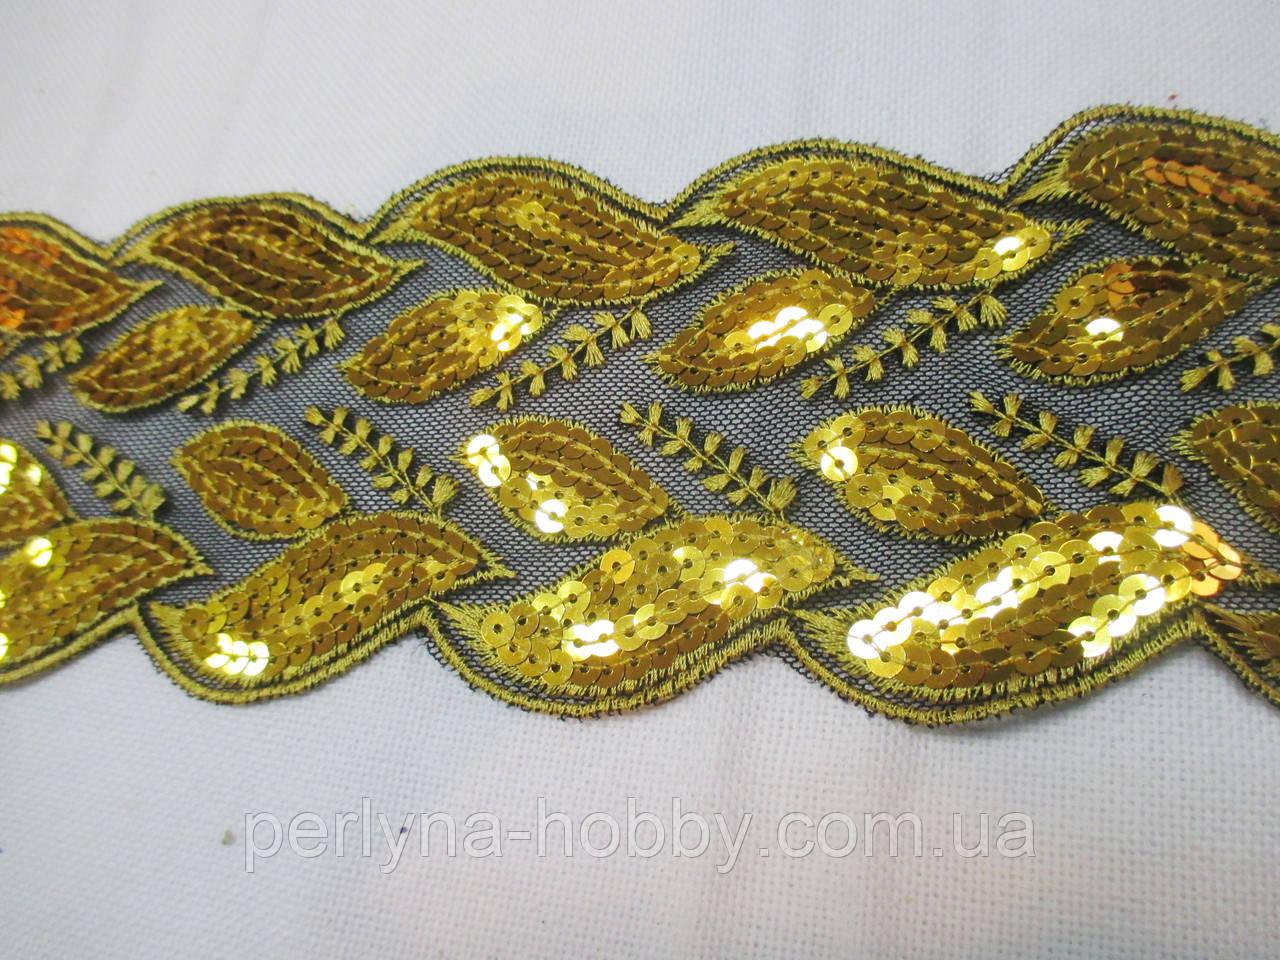 Тасьма з паєтками широка Тесьма с пайетками 9 см золото